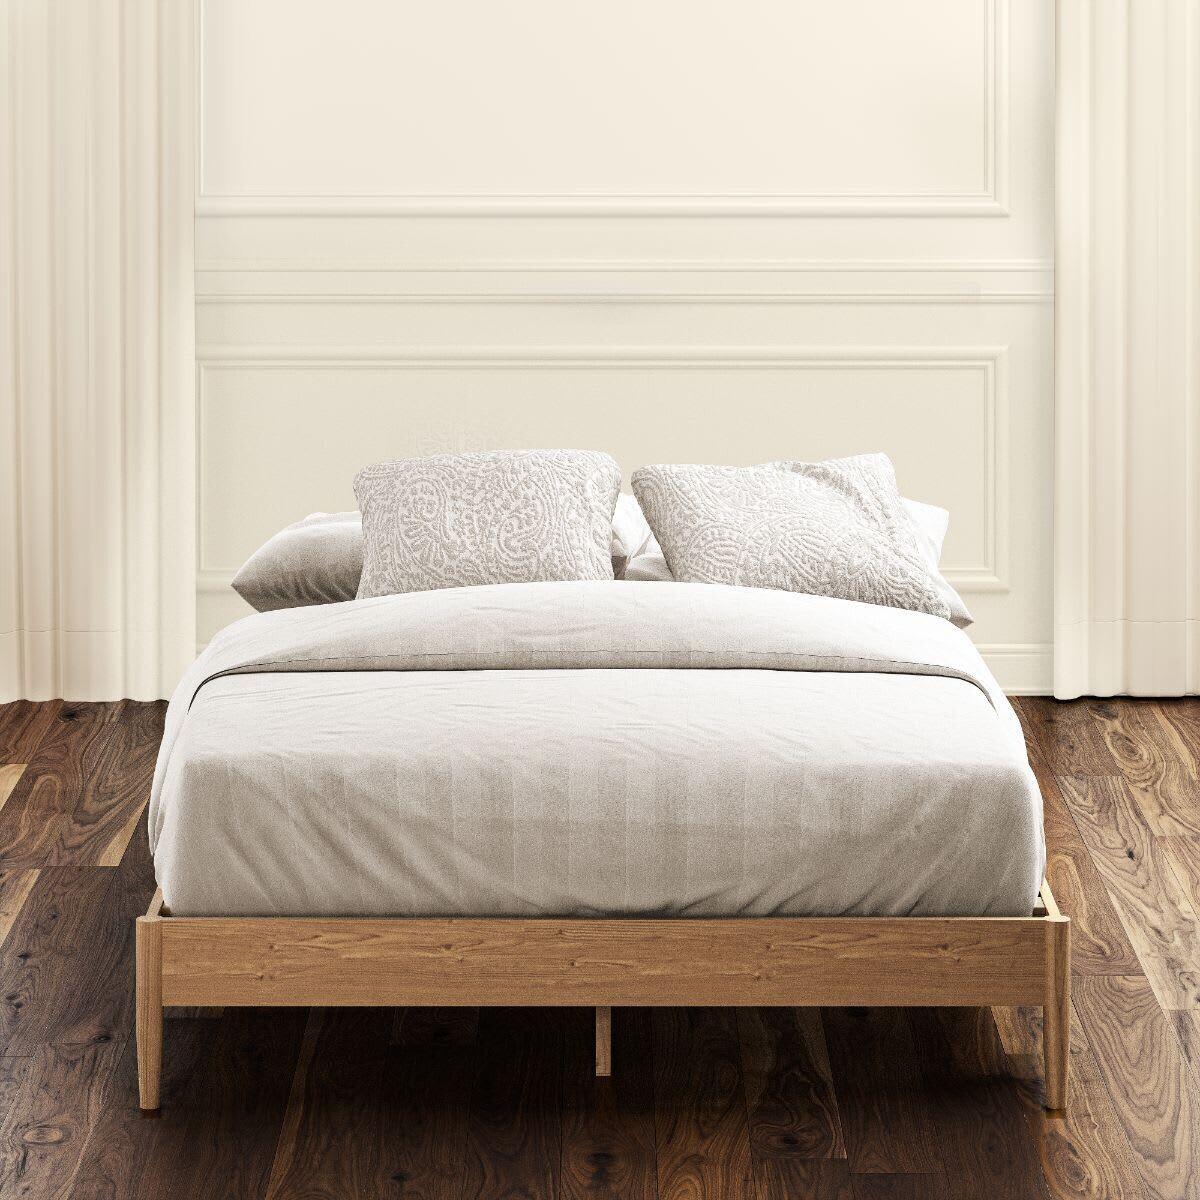 Natural Wood Platform Bed Frame (Amelia)